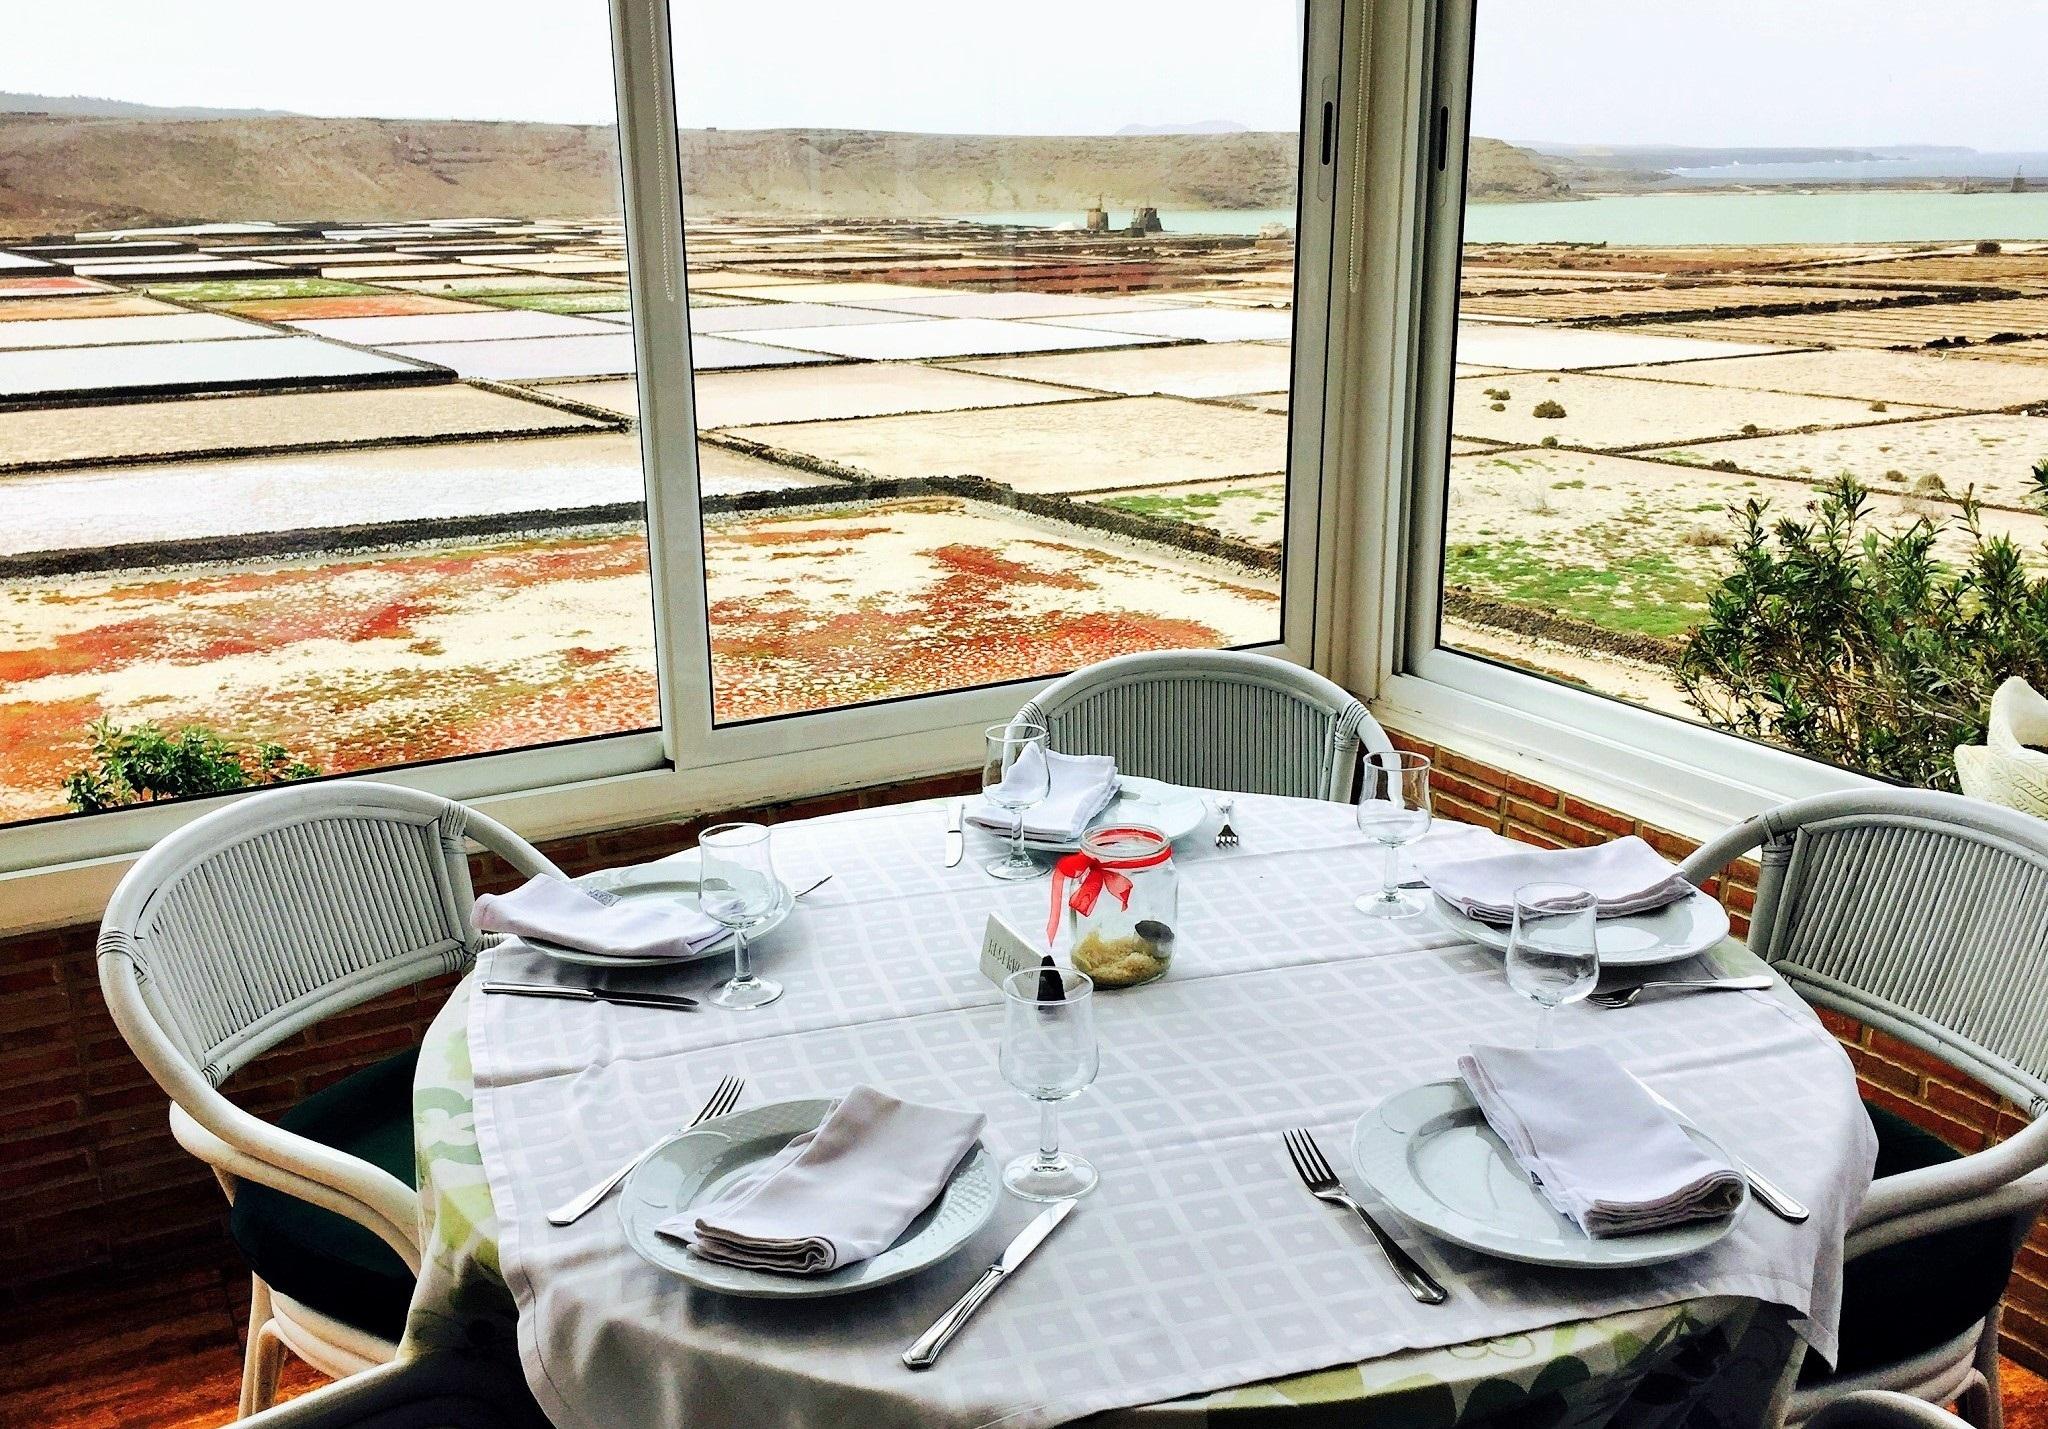 Restaurante Mirador Las Salinas de Janubio, Lanzarote